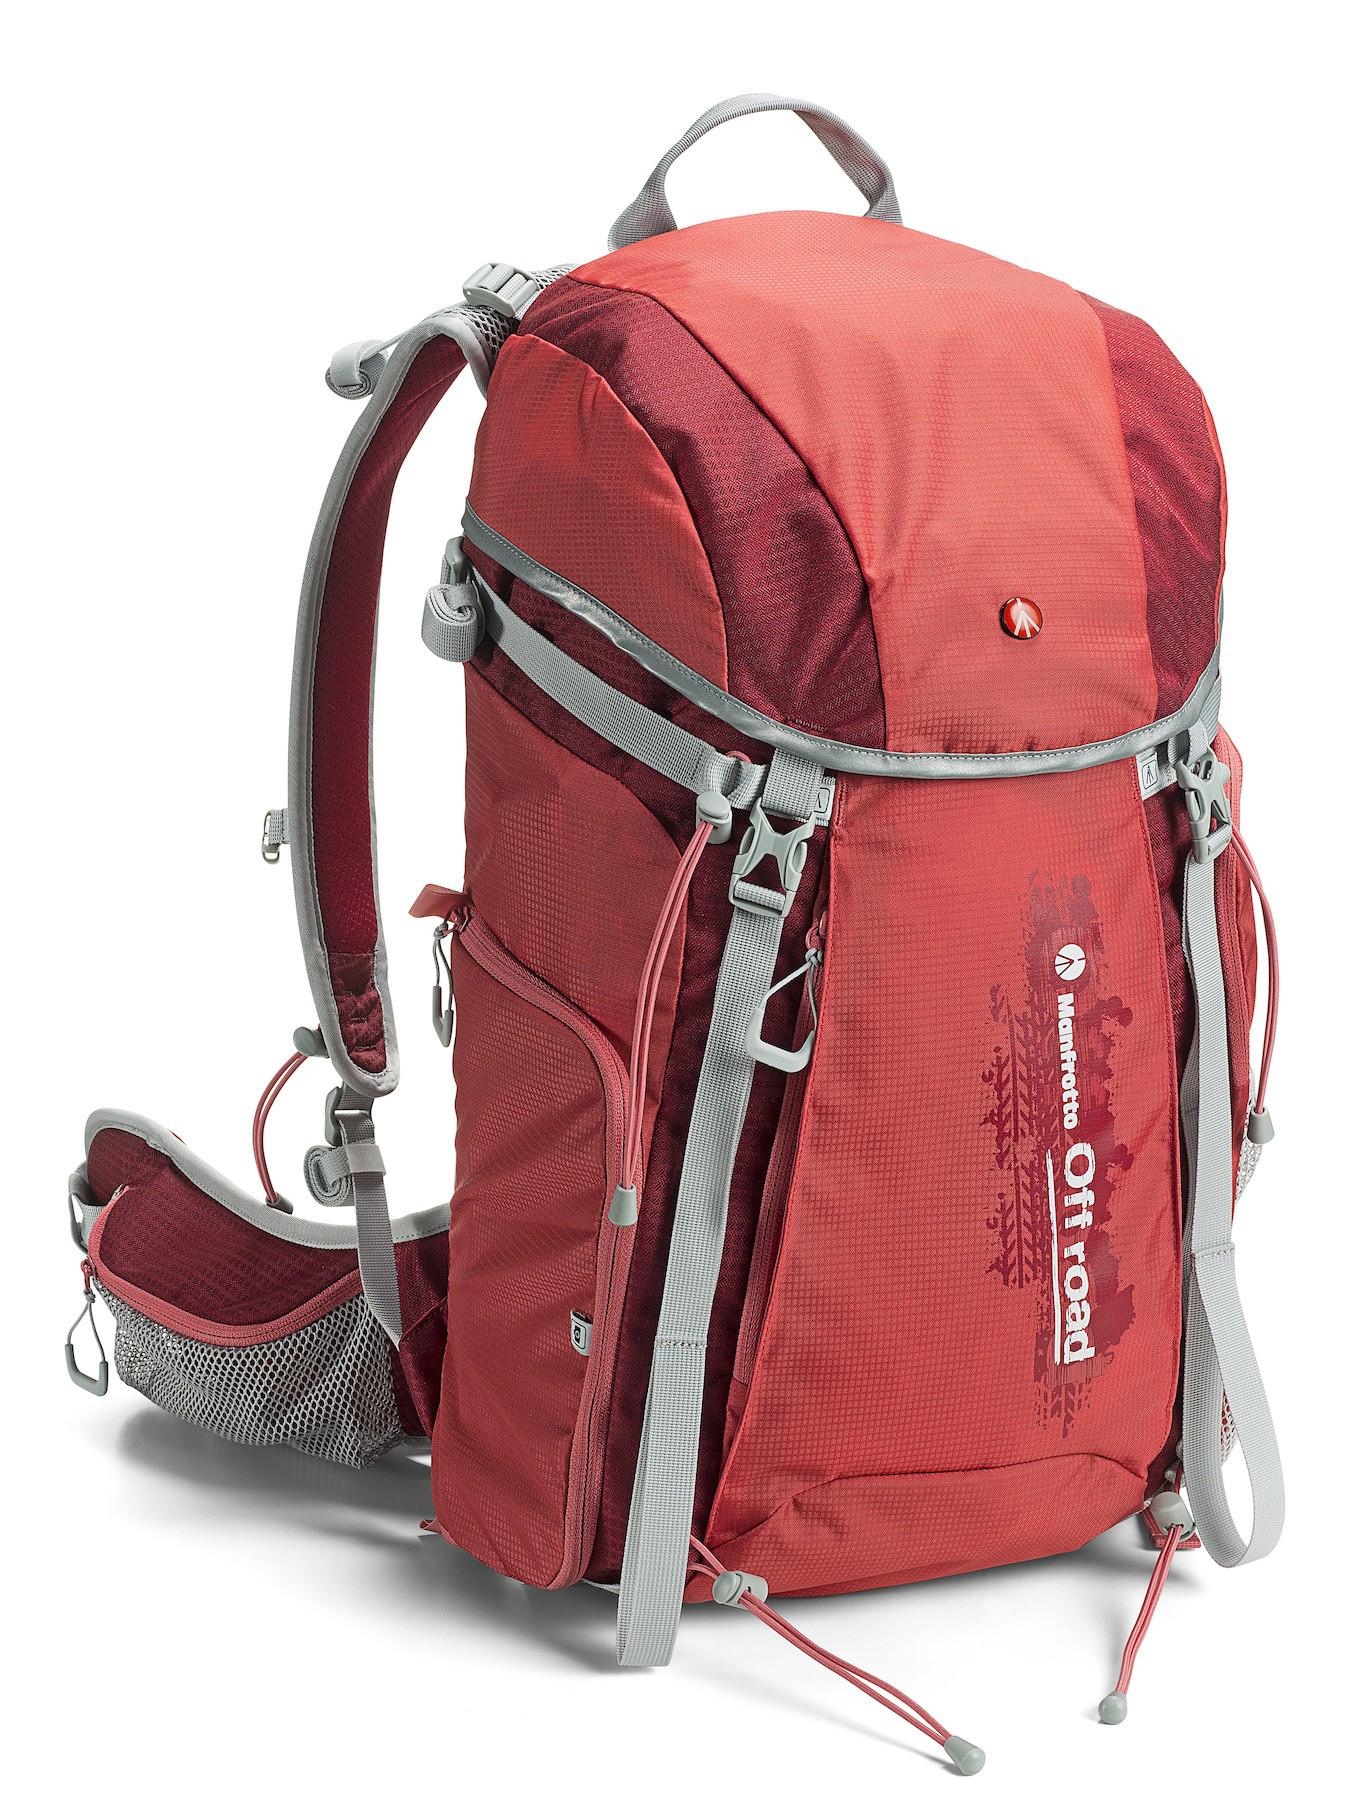 Meilleurs sacs pour appareil photo: sac à dos de randonnée Manfrotto Offroad 30L